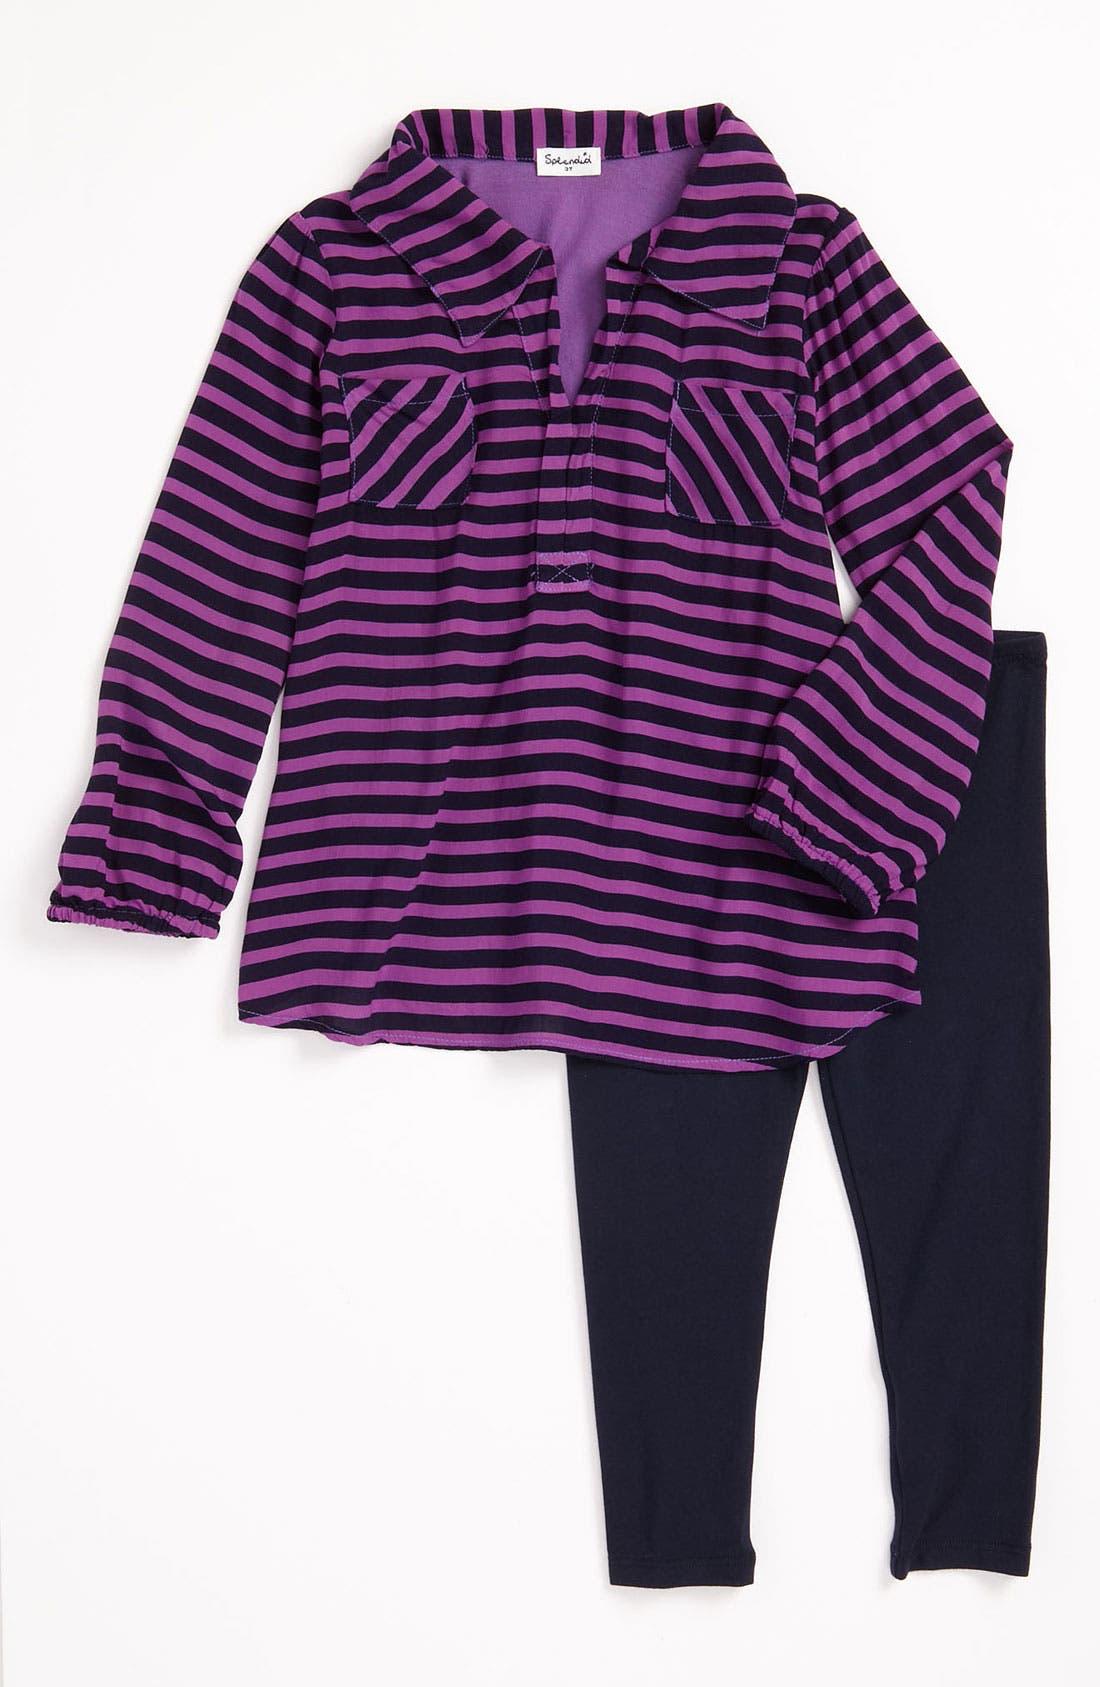 Main Image - Splendid 'Famous' Stripe Tunic & Leggings (Toddler)